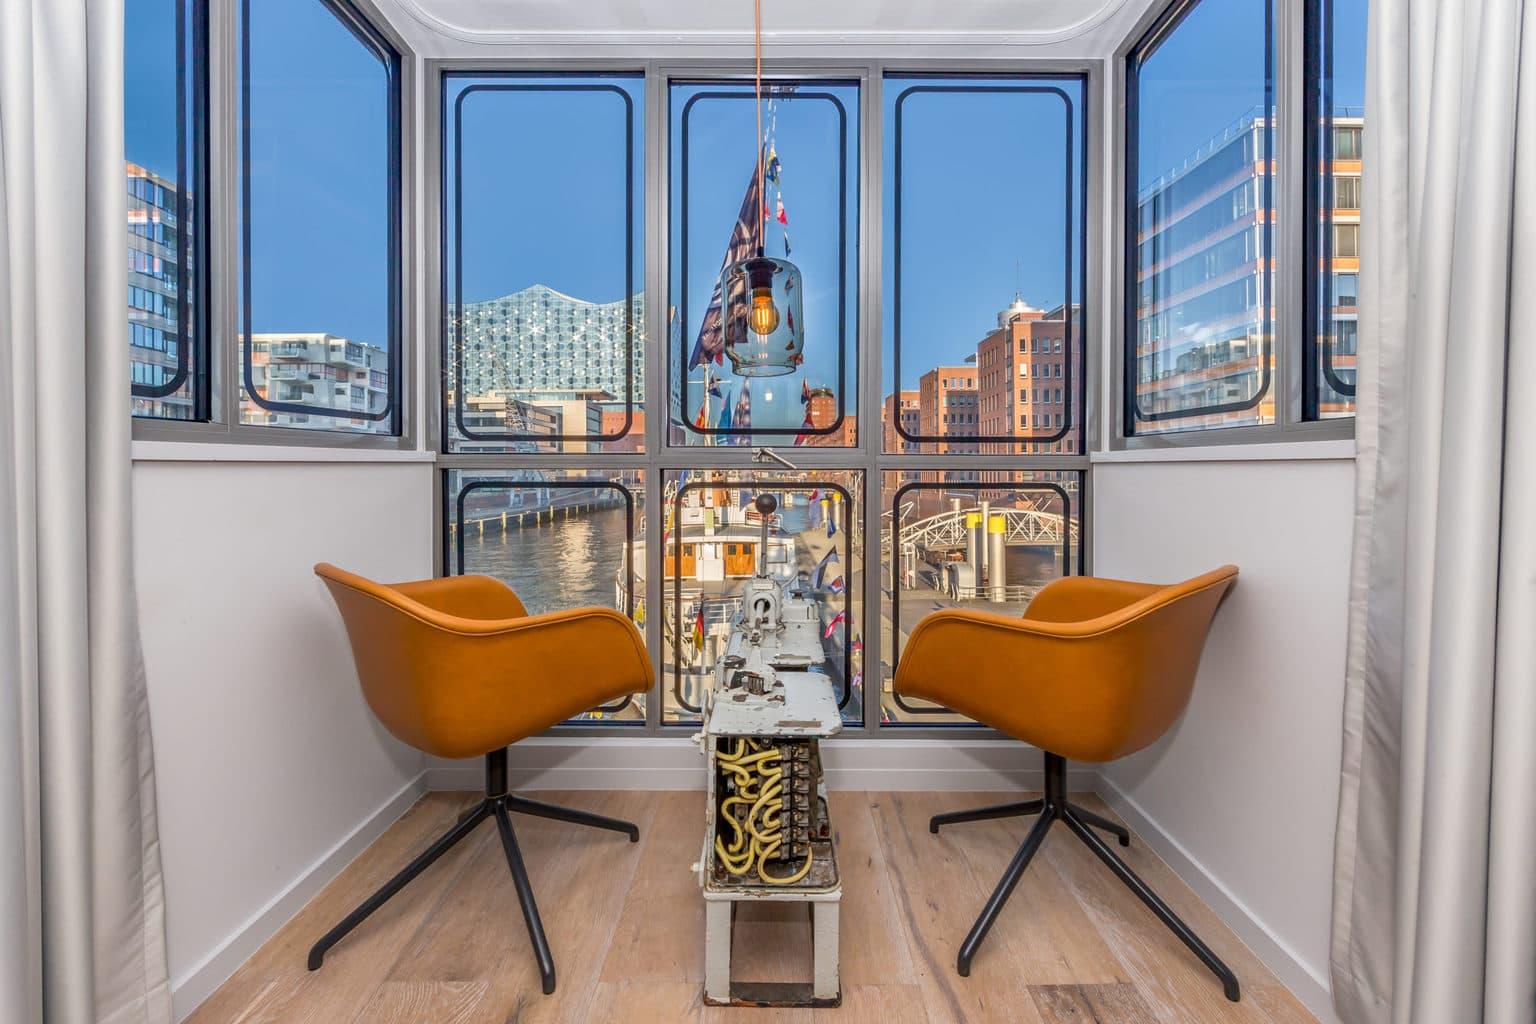 Kraanbestuurdershuisje in Hotel de Havenkraan in de Haven van Hamburg met uitzicht op de Elbphilharmonie